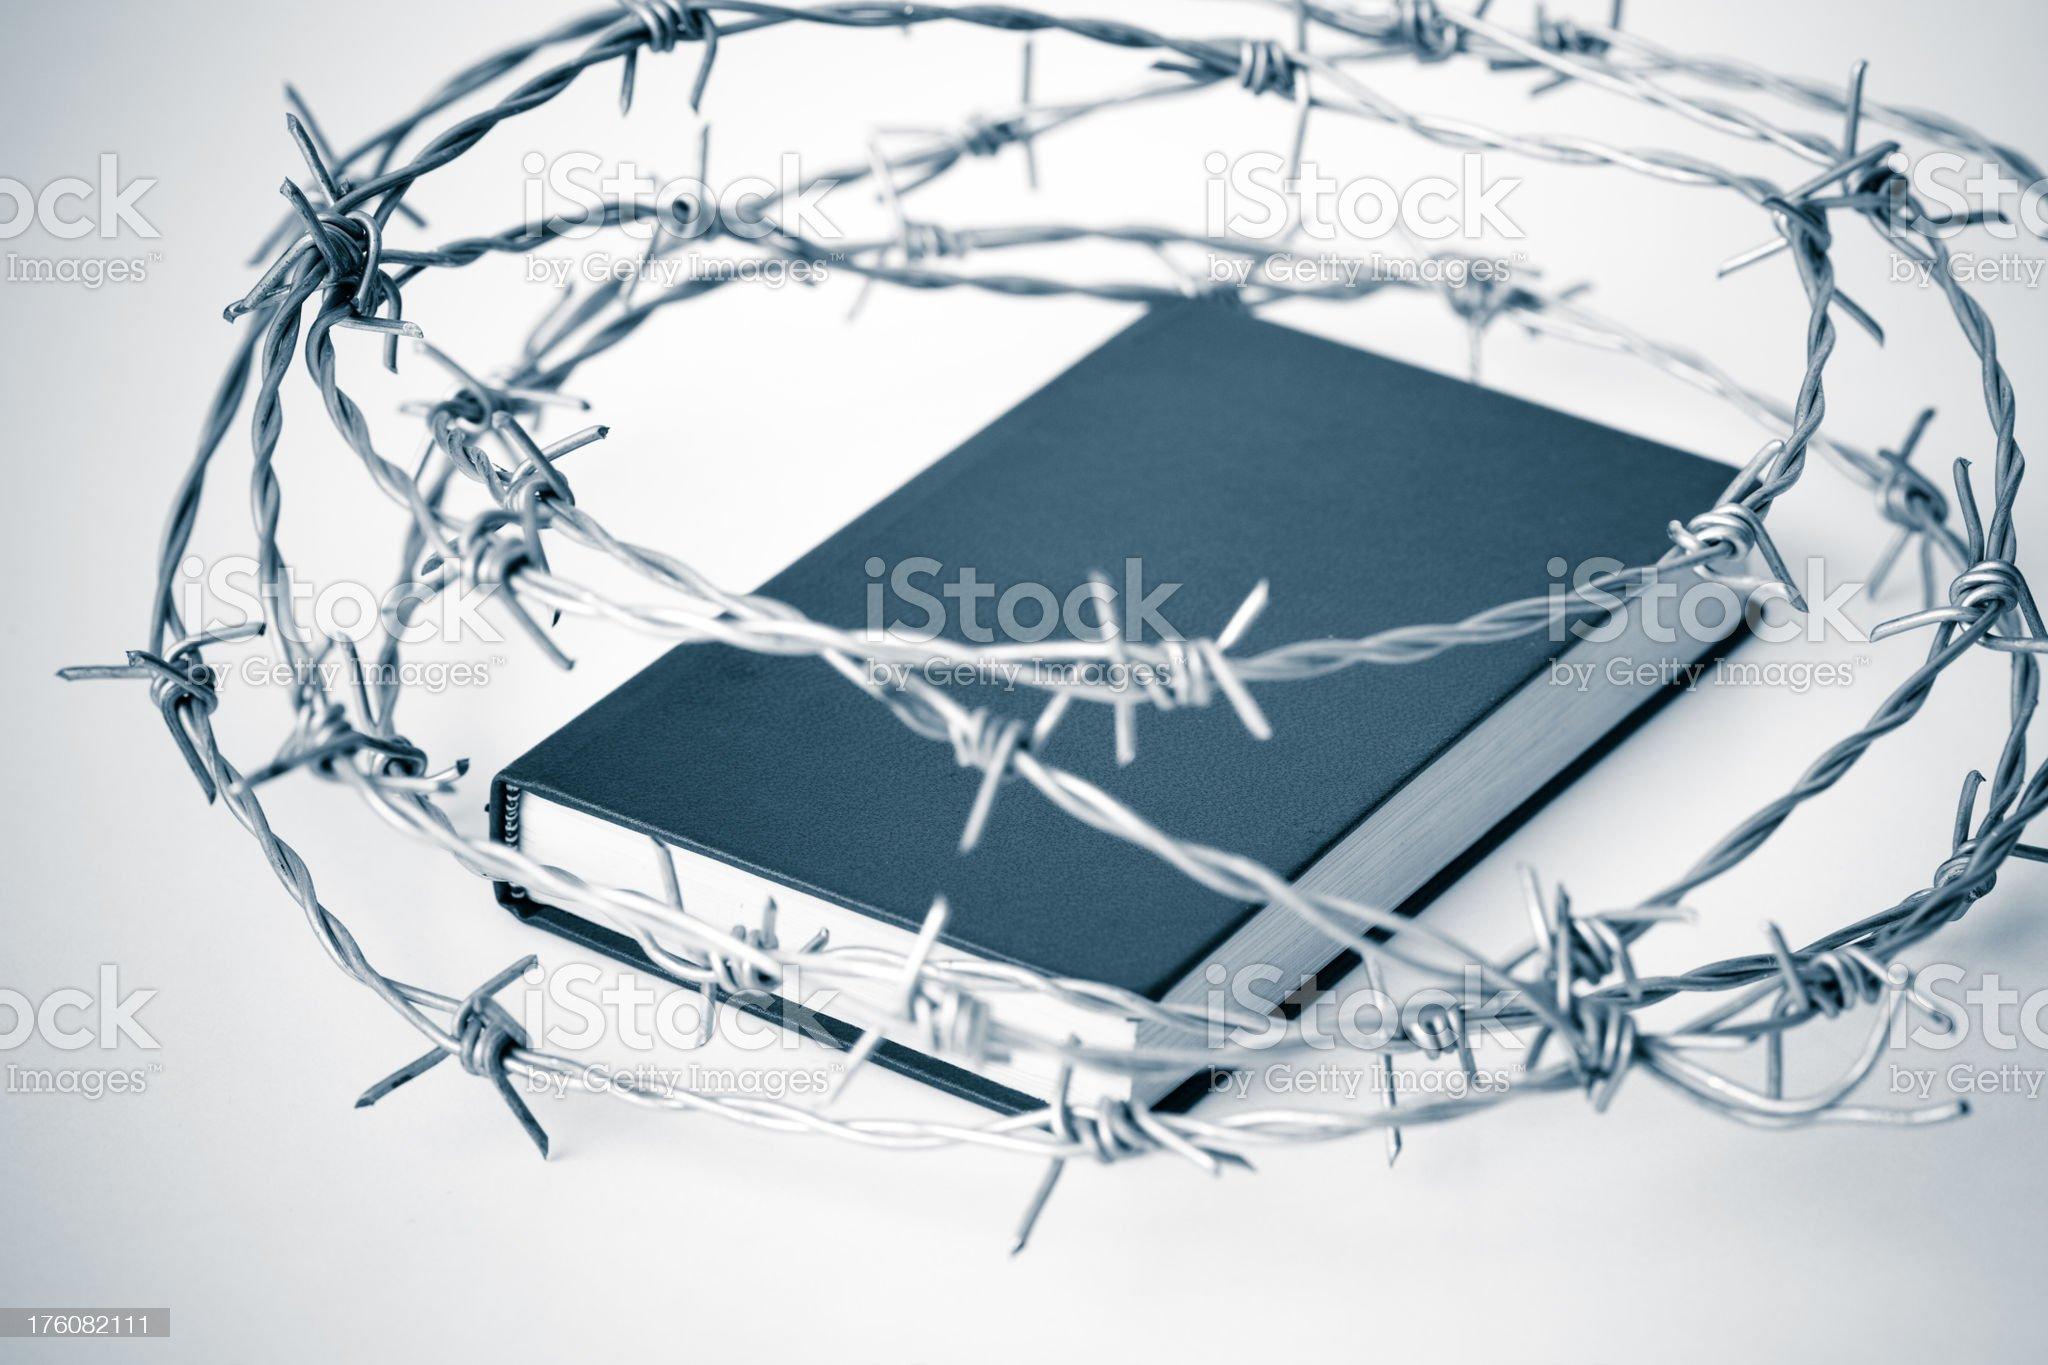 Forbidden book royalty-free stock photo